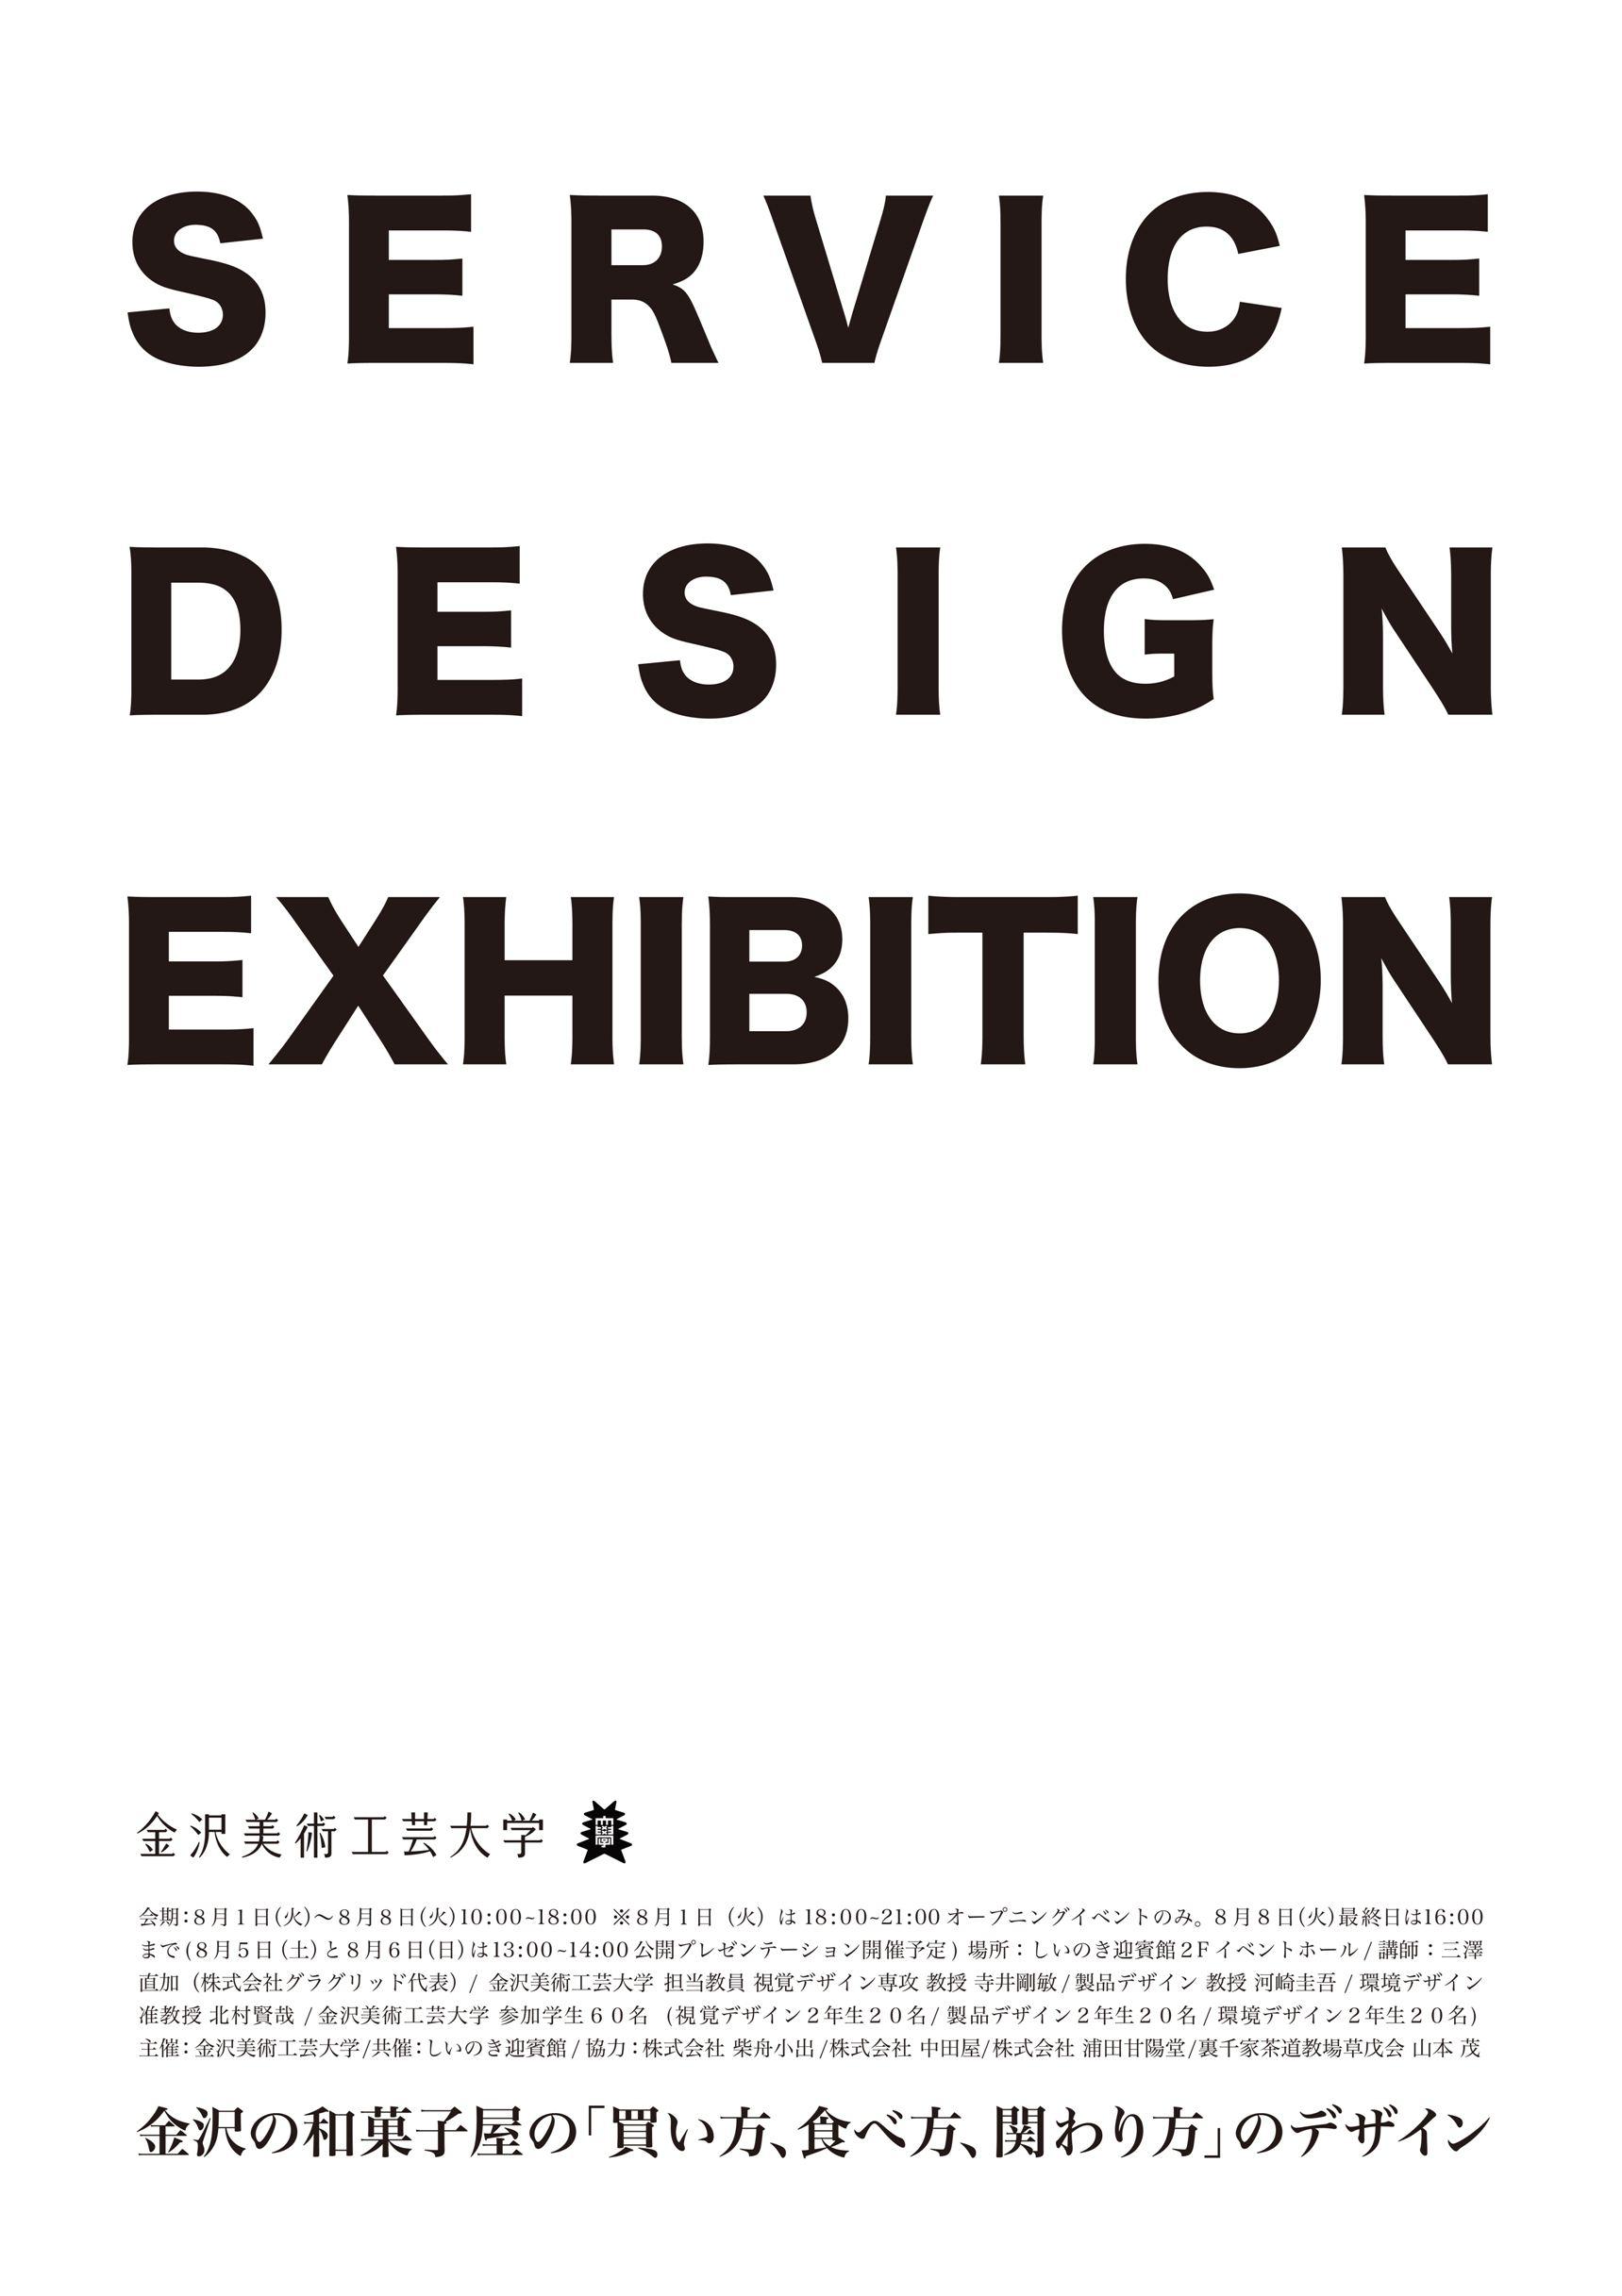 SERVICE DESIGN EXHIBITION 金沢 の和菓子屋の「買い方、食べ方、関わり方」のデザイン